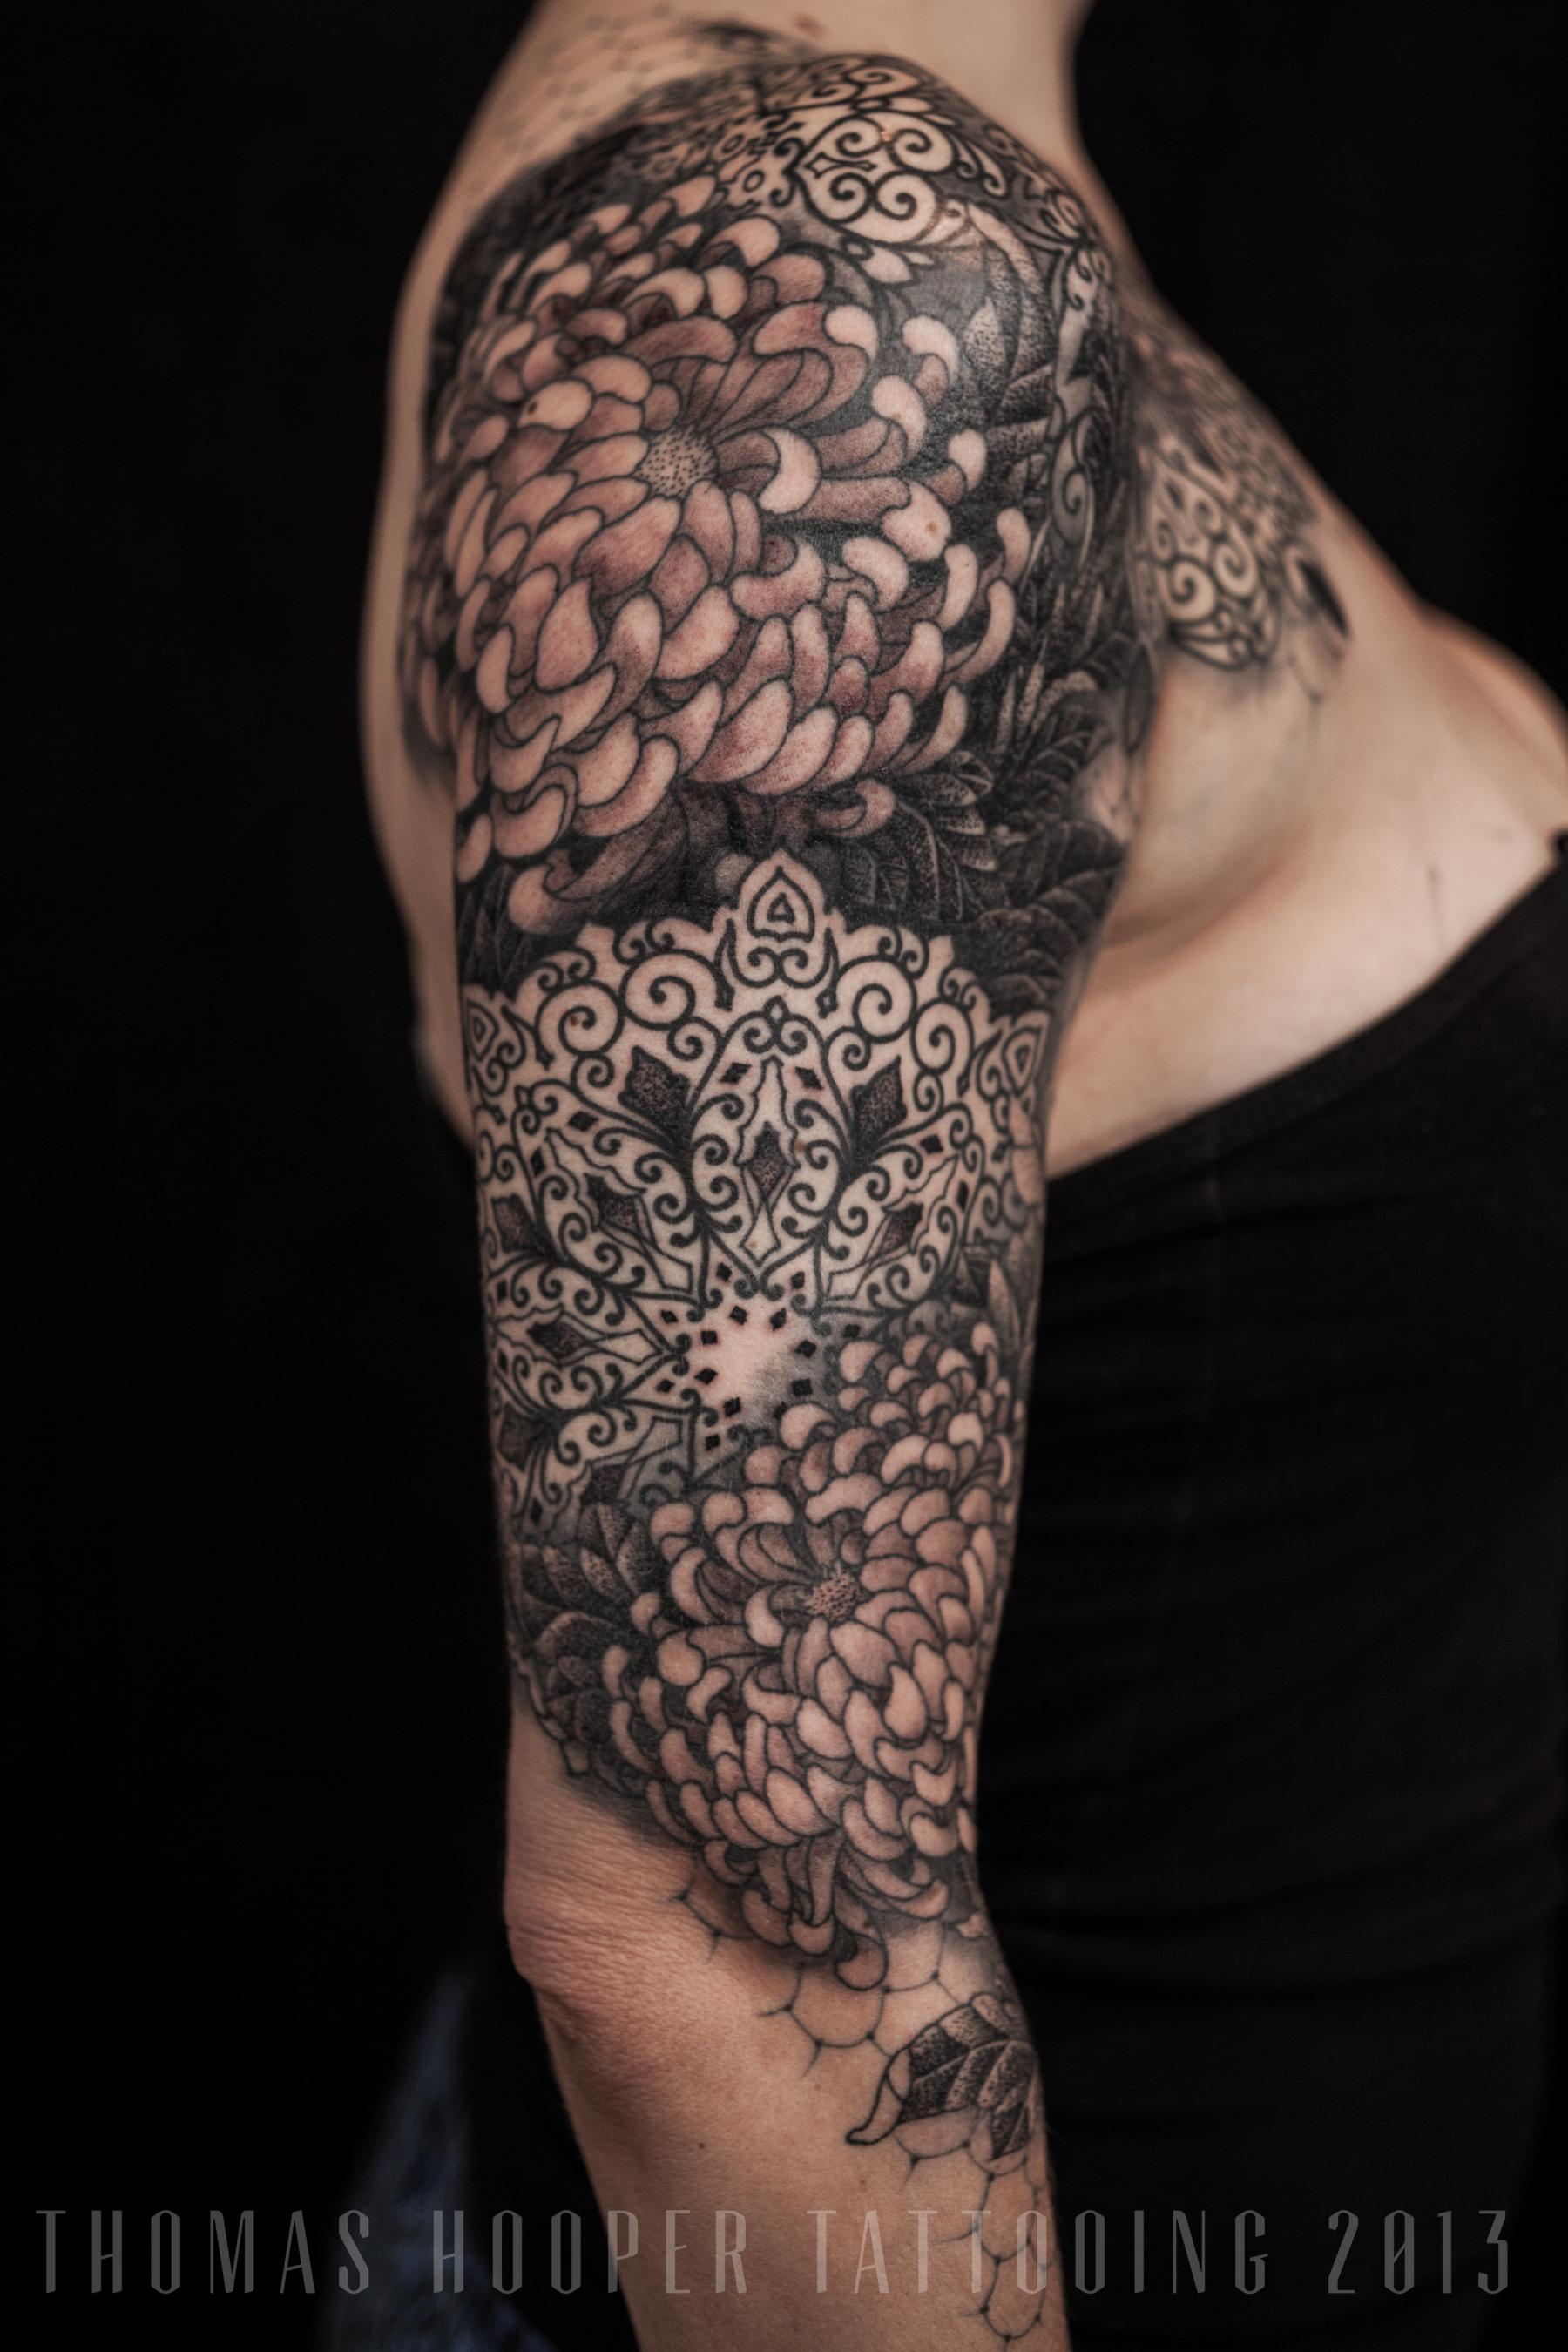 mandala ornamental tattoo sleeve thomas hooper tattooing 3. Black Bedroom Furniture Sets. Home Design Ideas